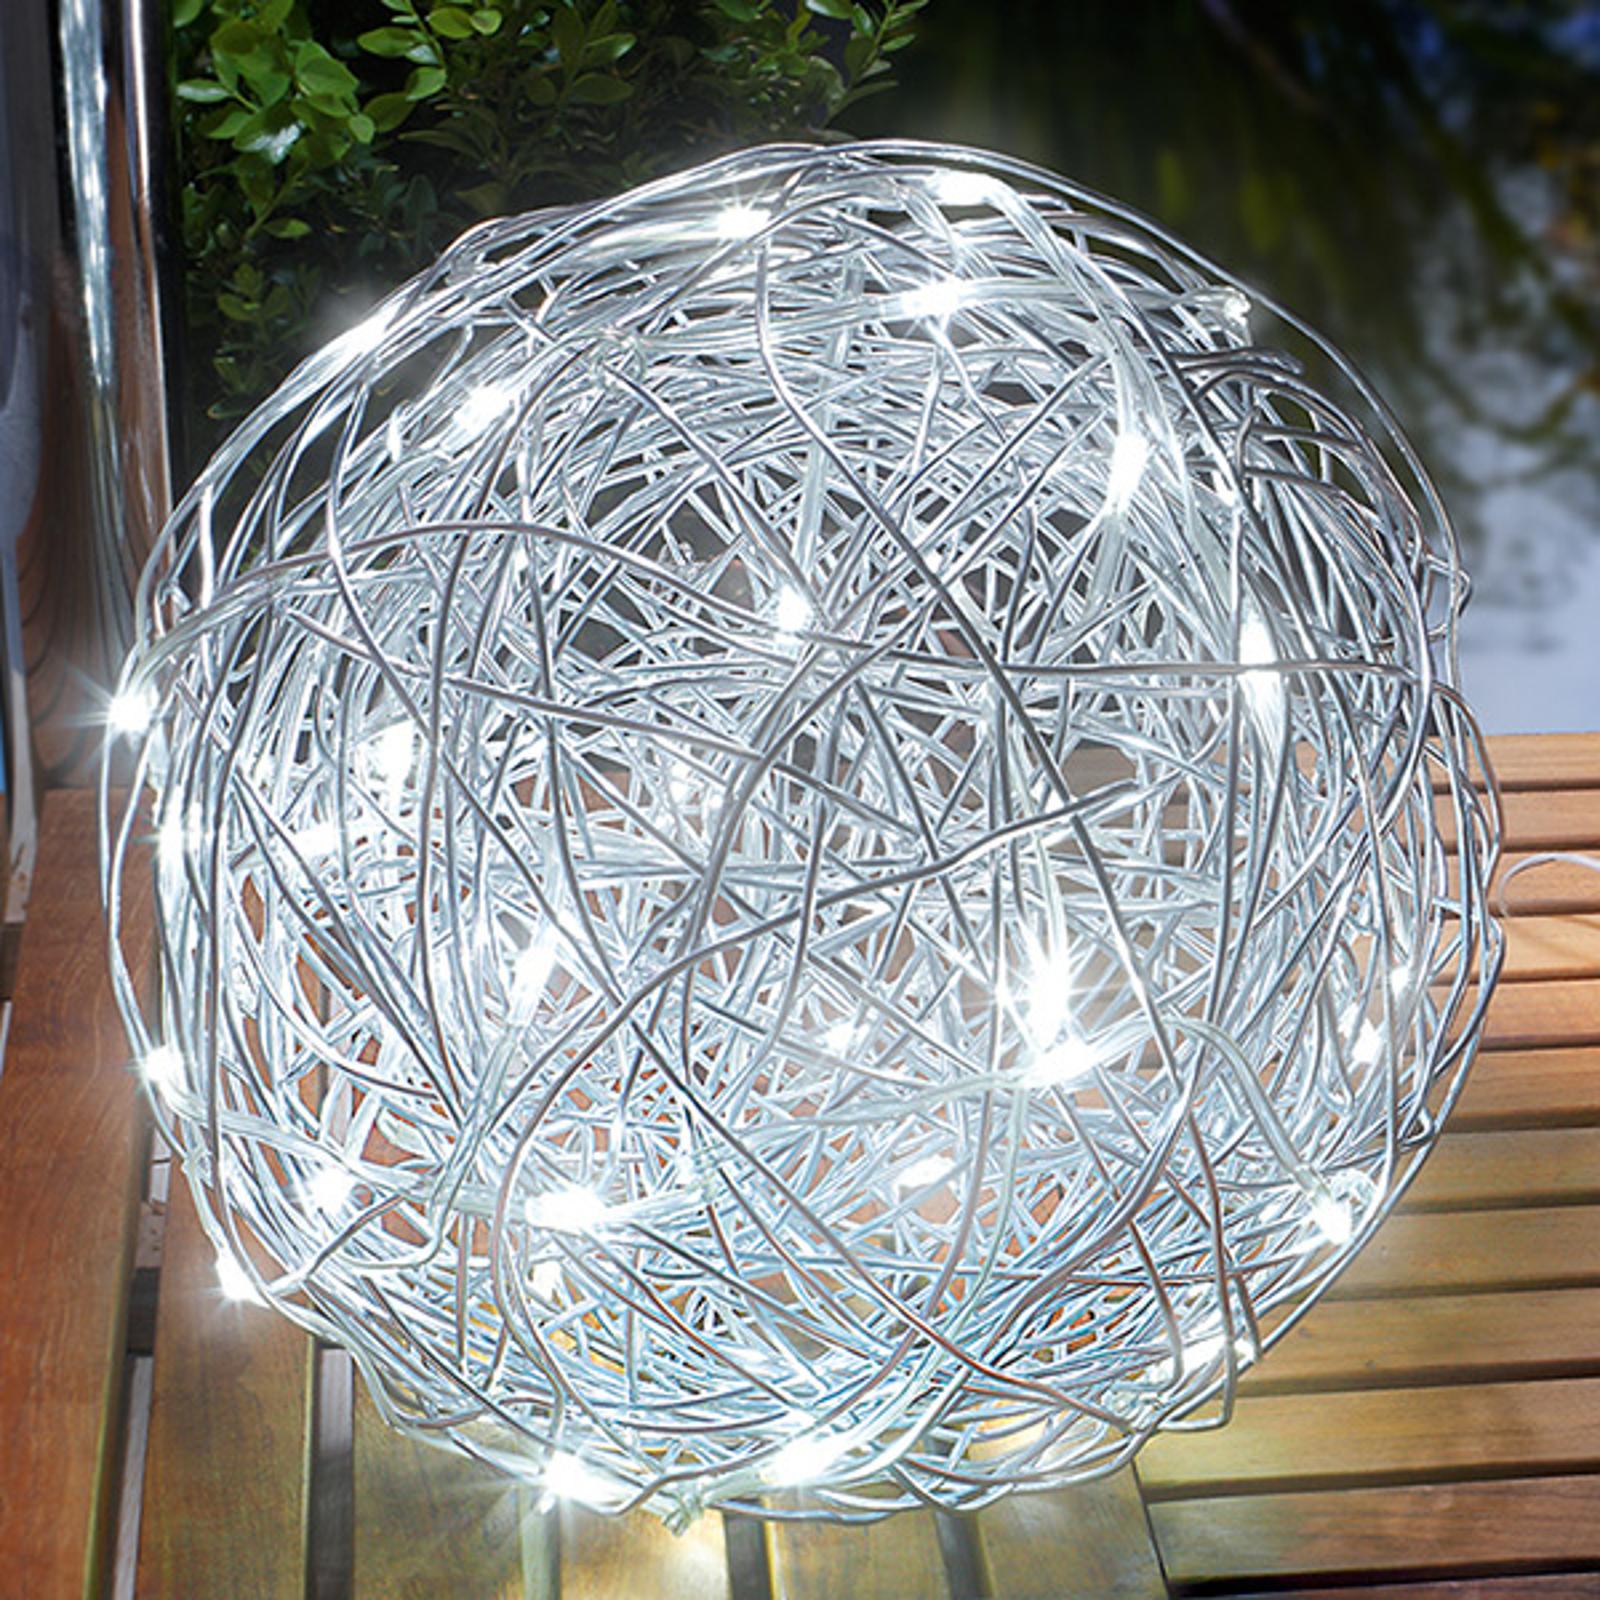 Lampe d'extérieur LED solaire Alu-Wireball